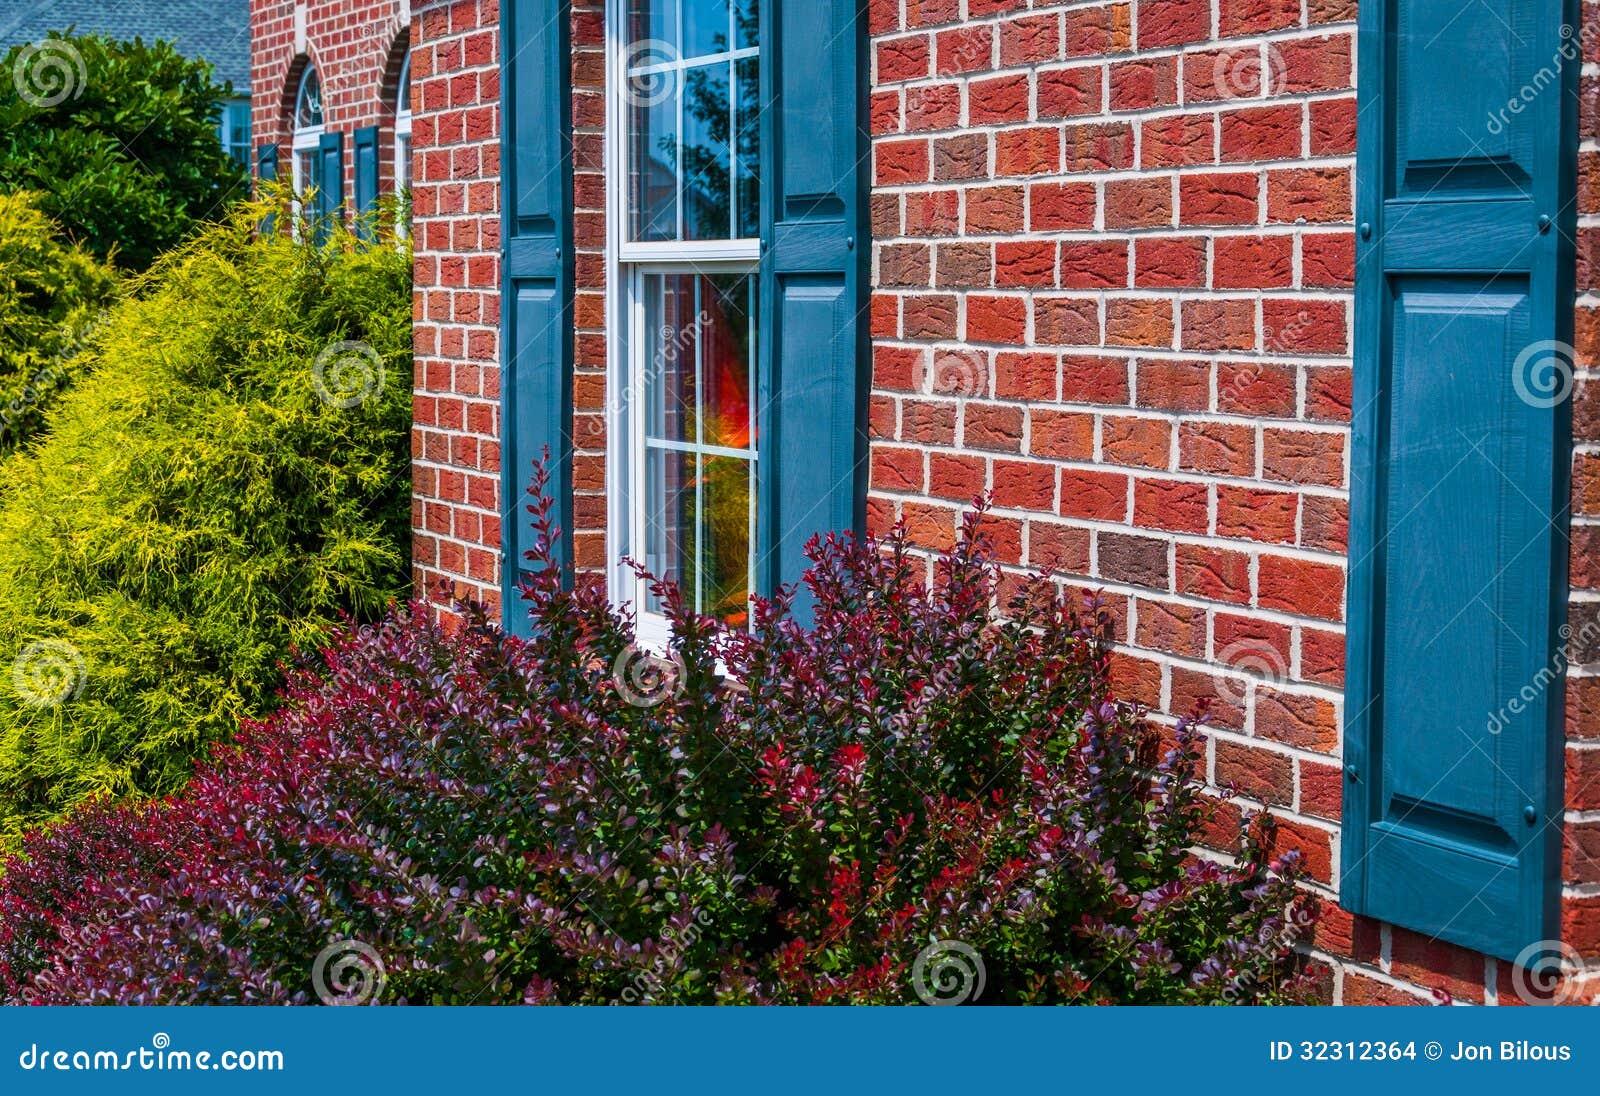 Shutter Colors For Brick House Buissons Et Avant De Maison De Brique Avec Les Volets